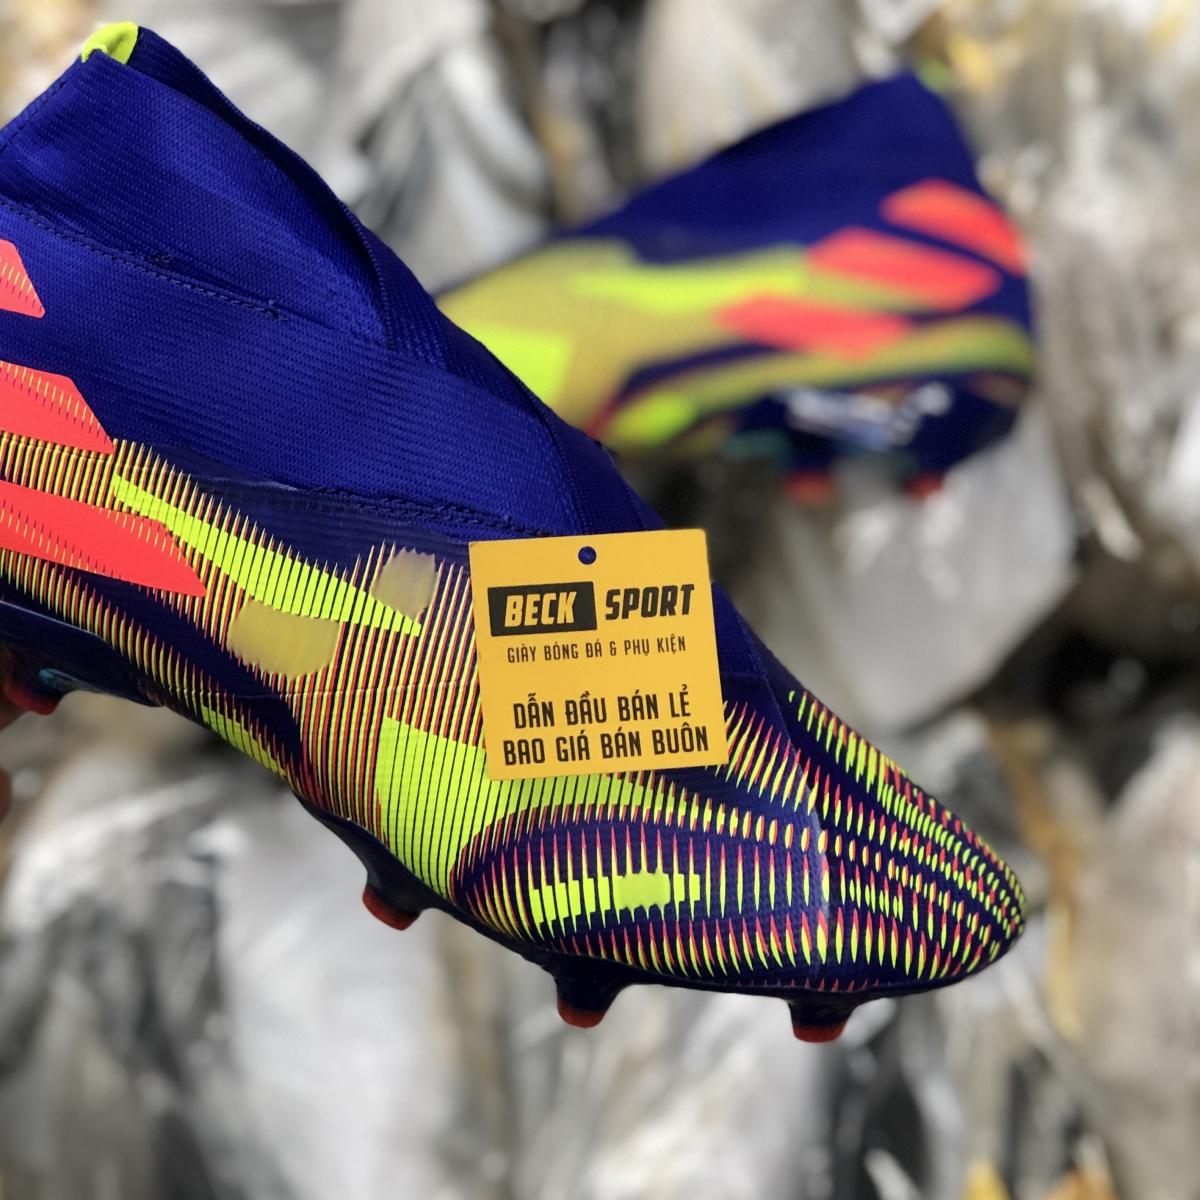 Giày Bóng Đá Adidas Nemeziz 19+ Tím Xanh Lá Vạch Cam Không Dây Cổ Cao FG